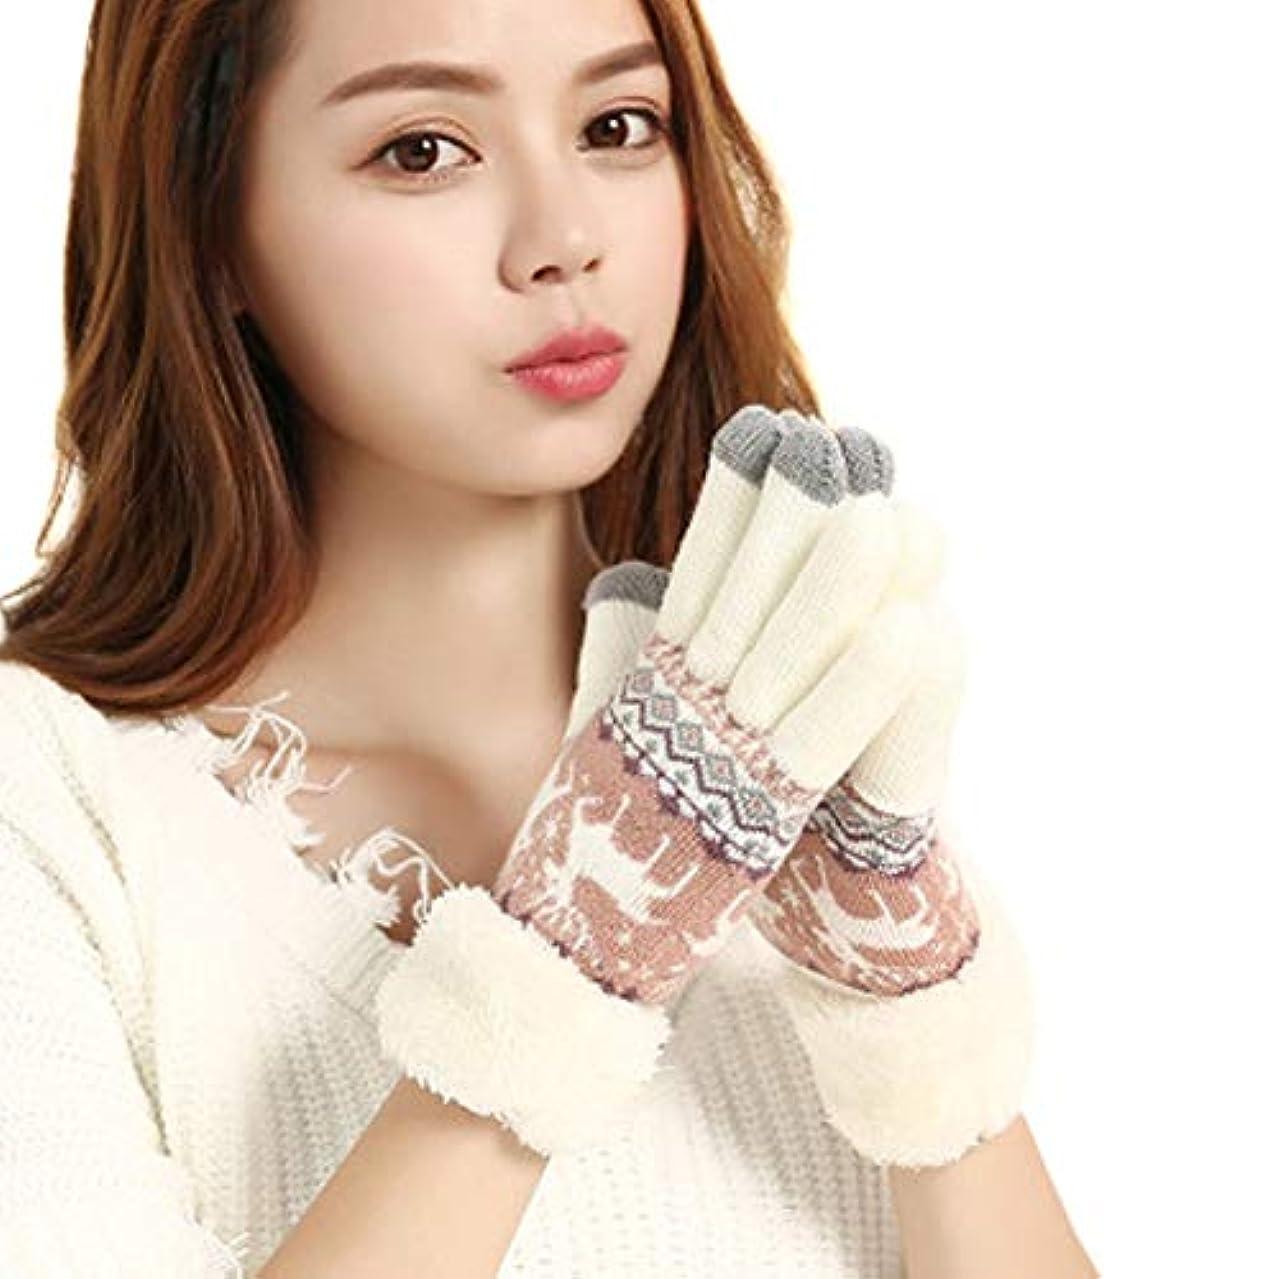 科学的ショルダー劇的Tengfly Women Touchscreen Gloves, Winter Warm Knit Gloves,Soft Extra-Warm Fleece Touchscreen Gloves,Snow Flower Knitting Thicken For Women Winter Outdoor 2019 New Christmas Gift